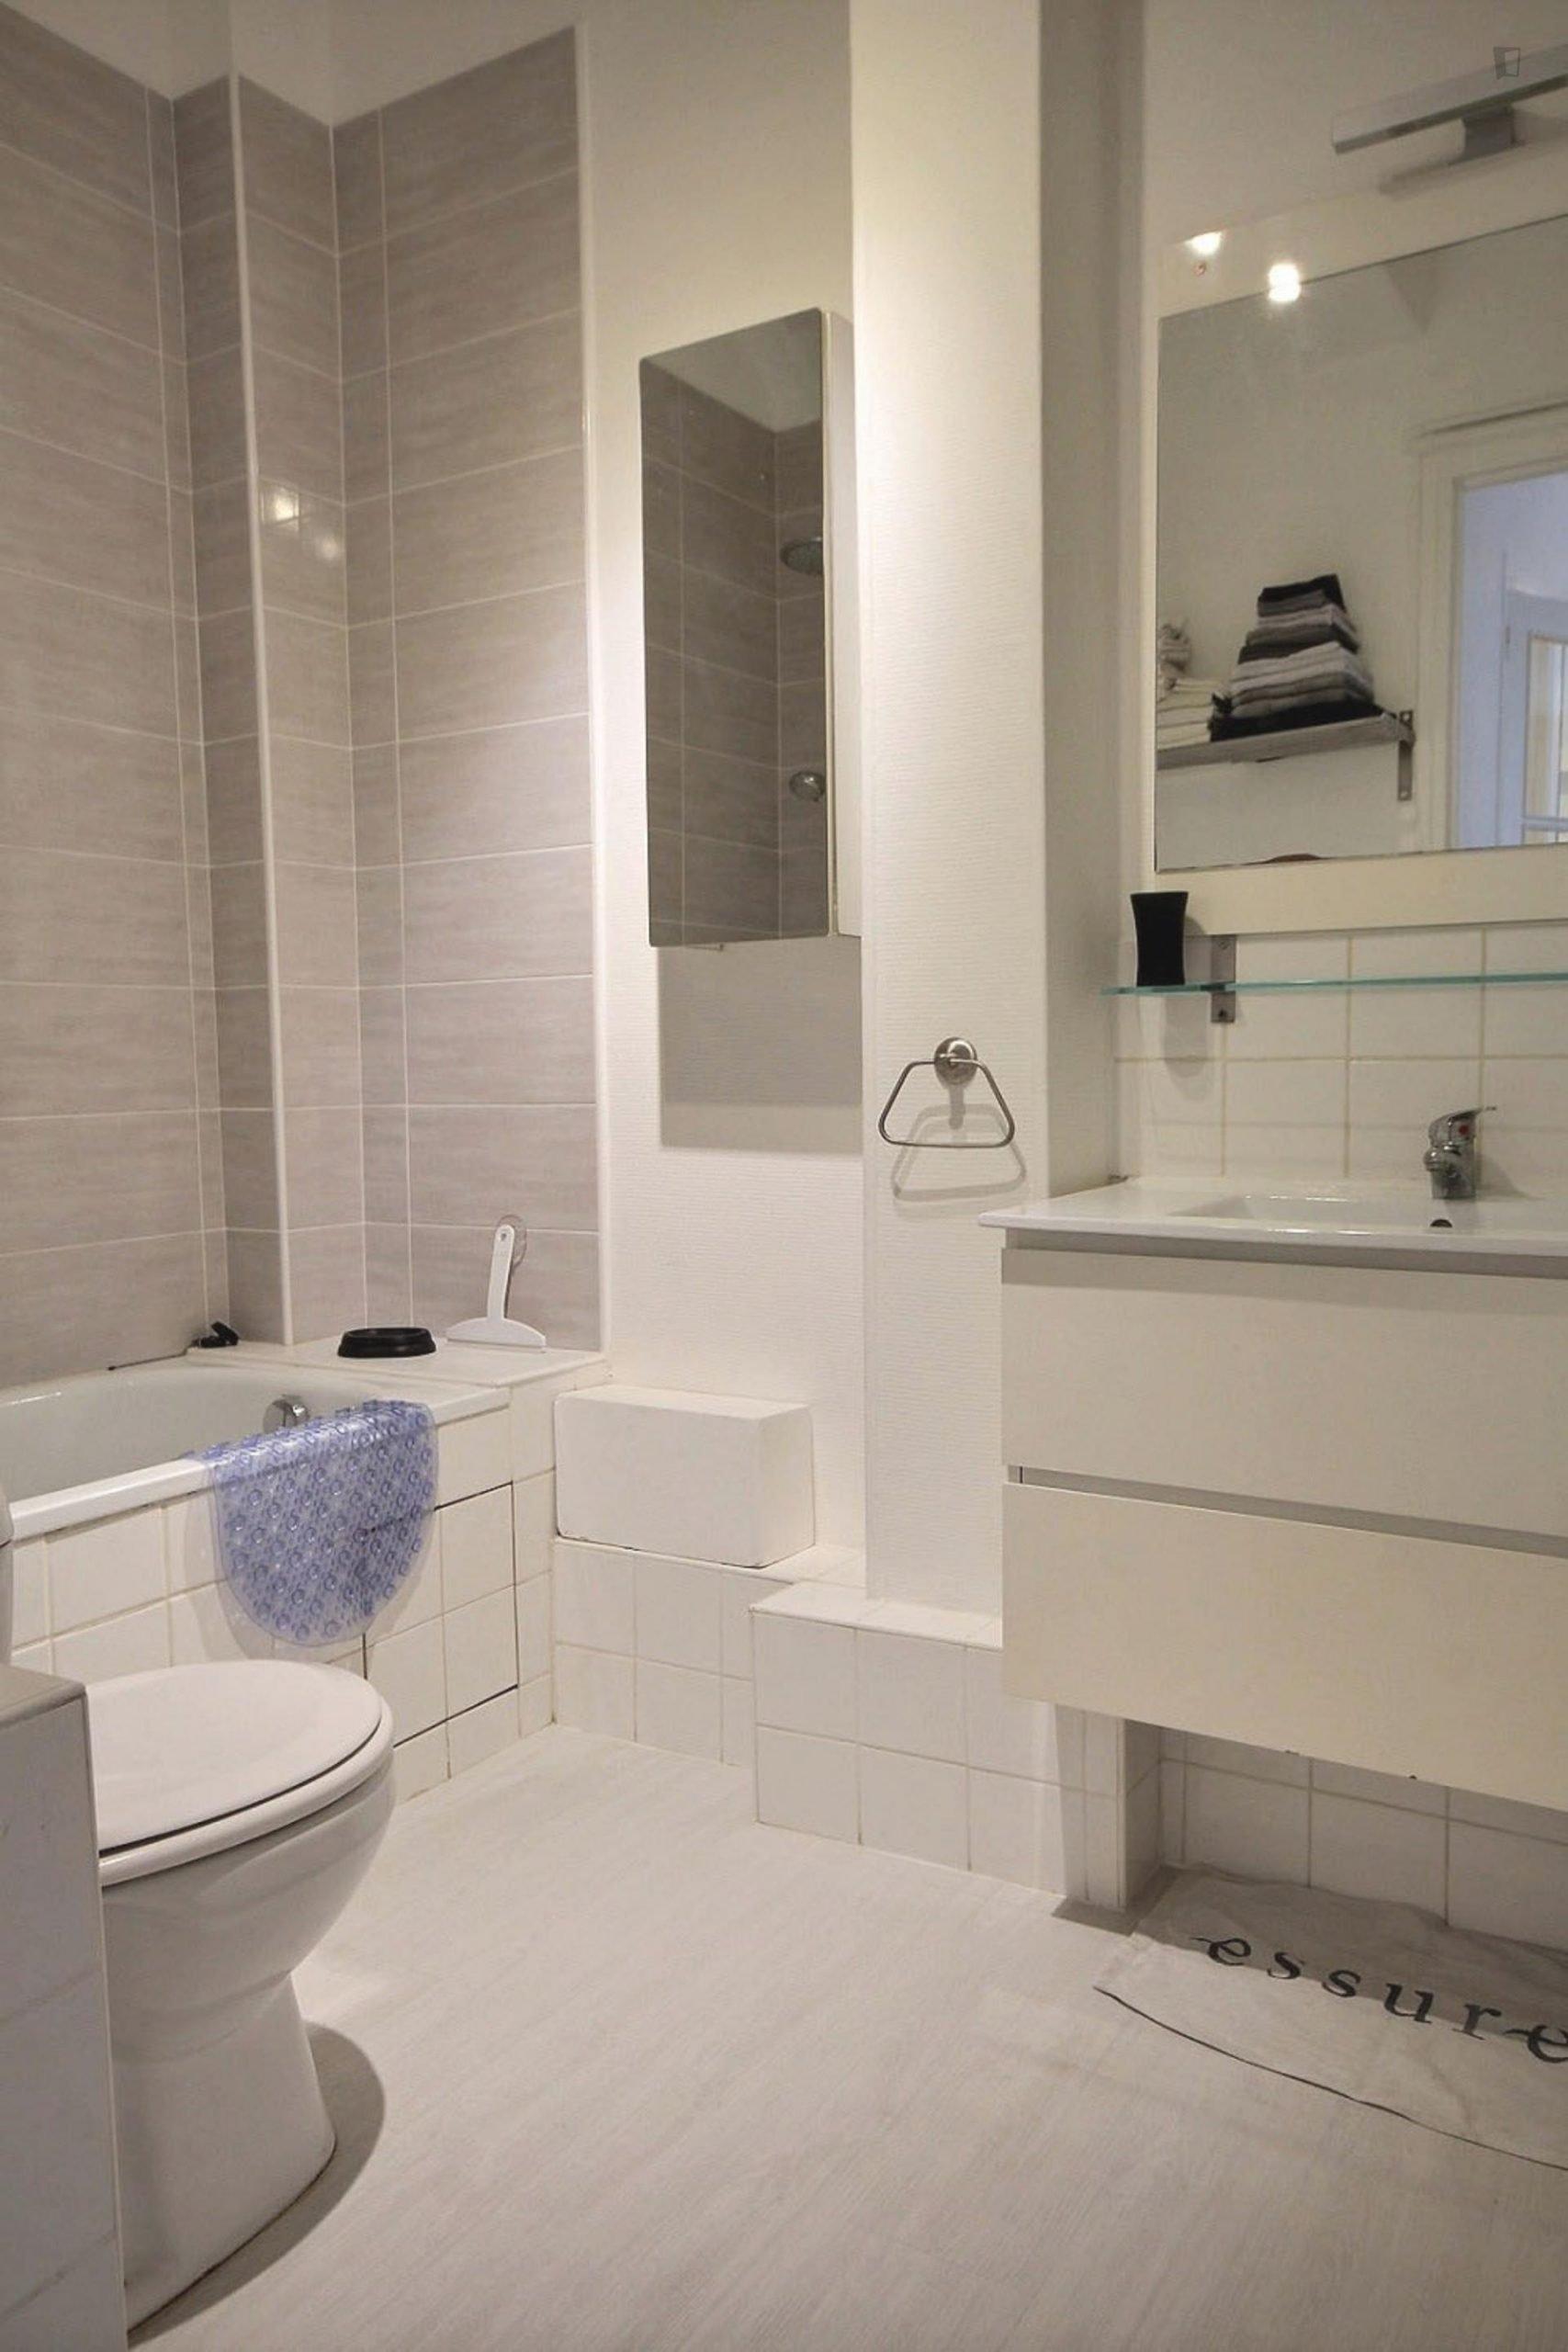 Saint Martin- Welcoming 1 bedroom Flat in Paris